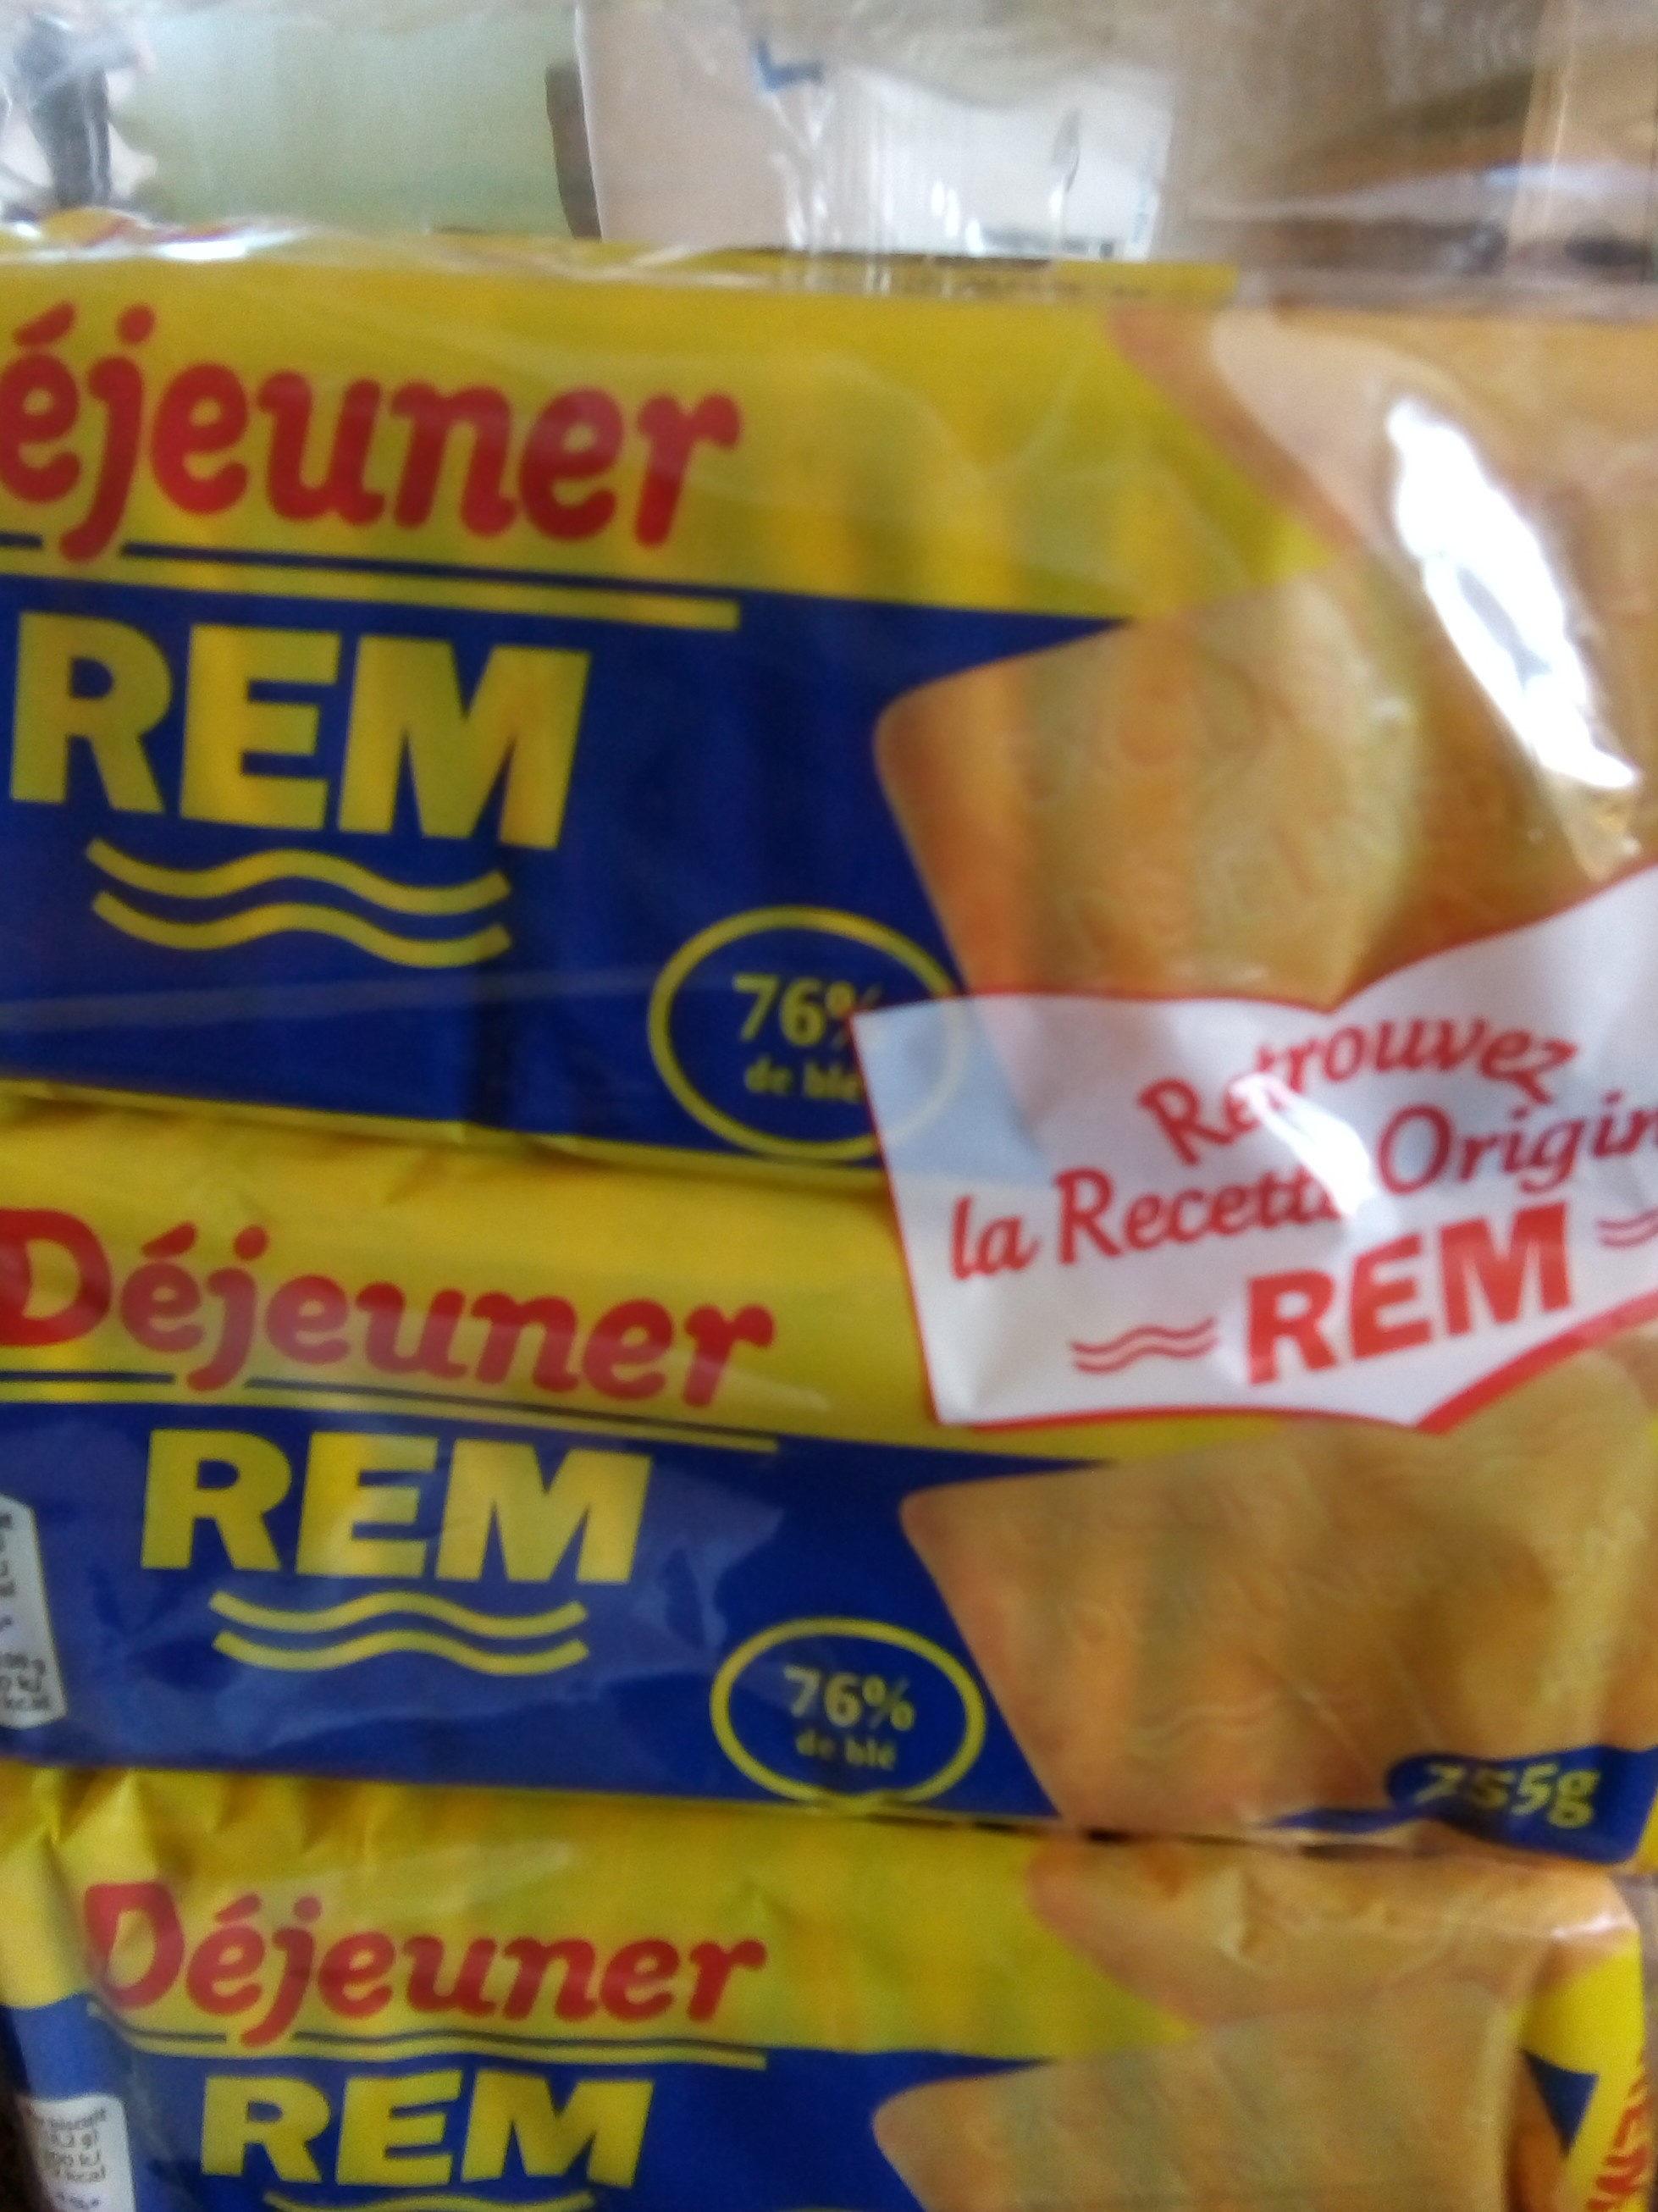 Déjeuner REM - Produit